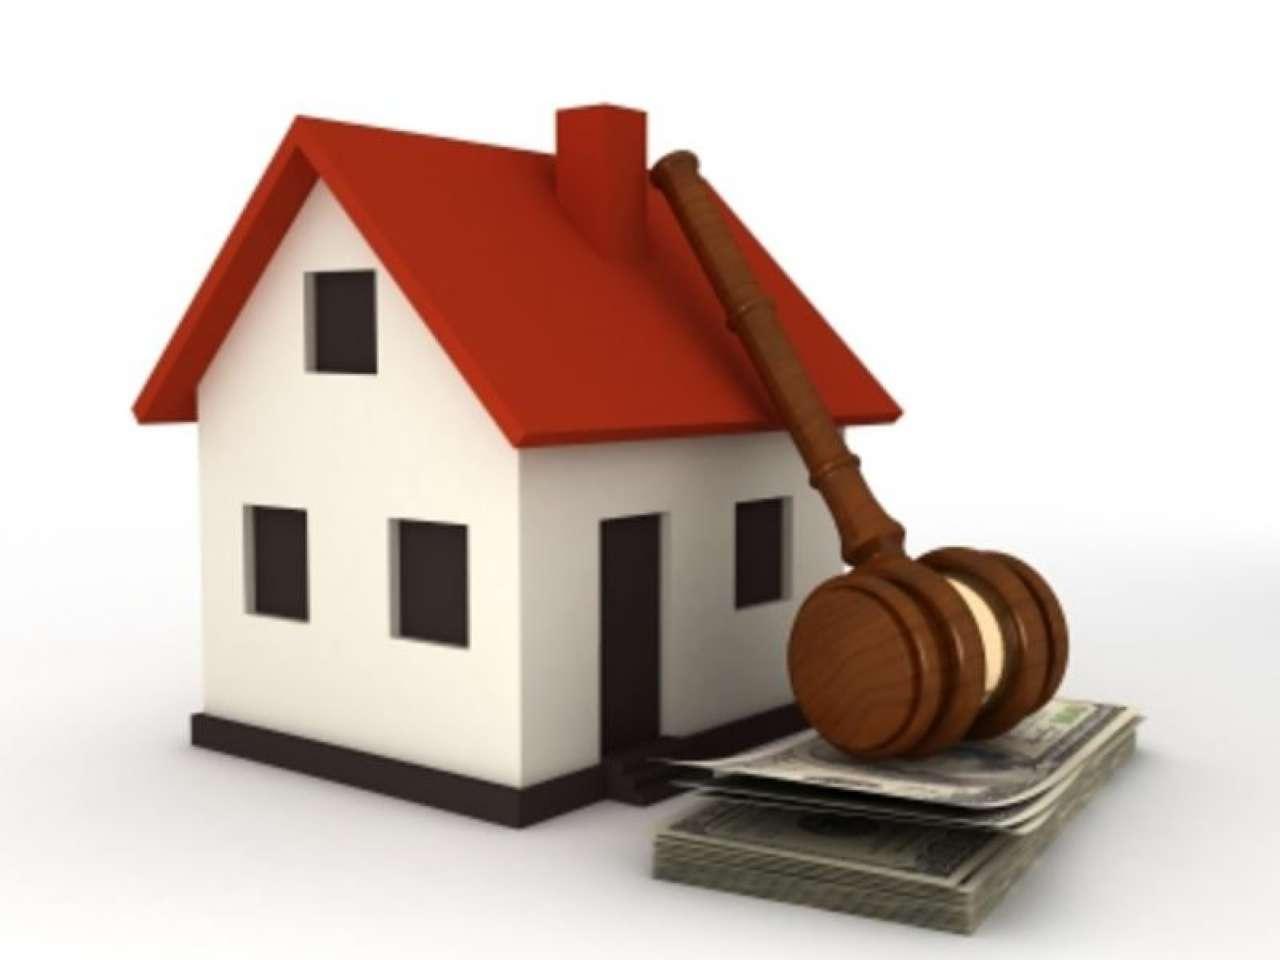 Appartamento in vendita a Caprino Bergamasco, 4 locali, prezzo € 25.313 | PortaleAgenzieImmobiliari.it